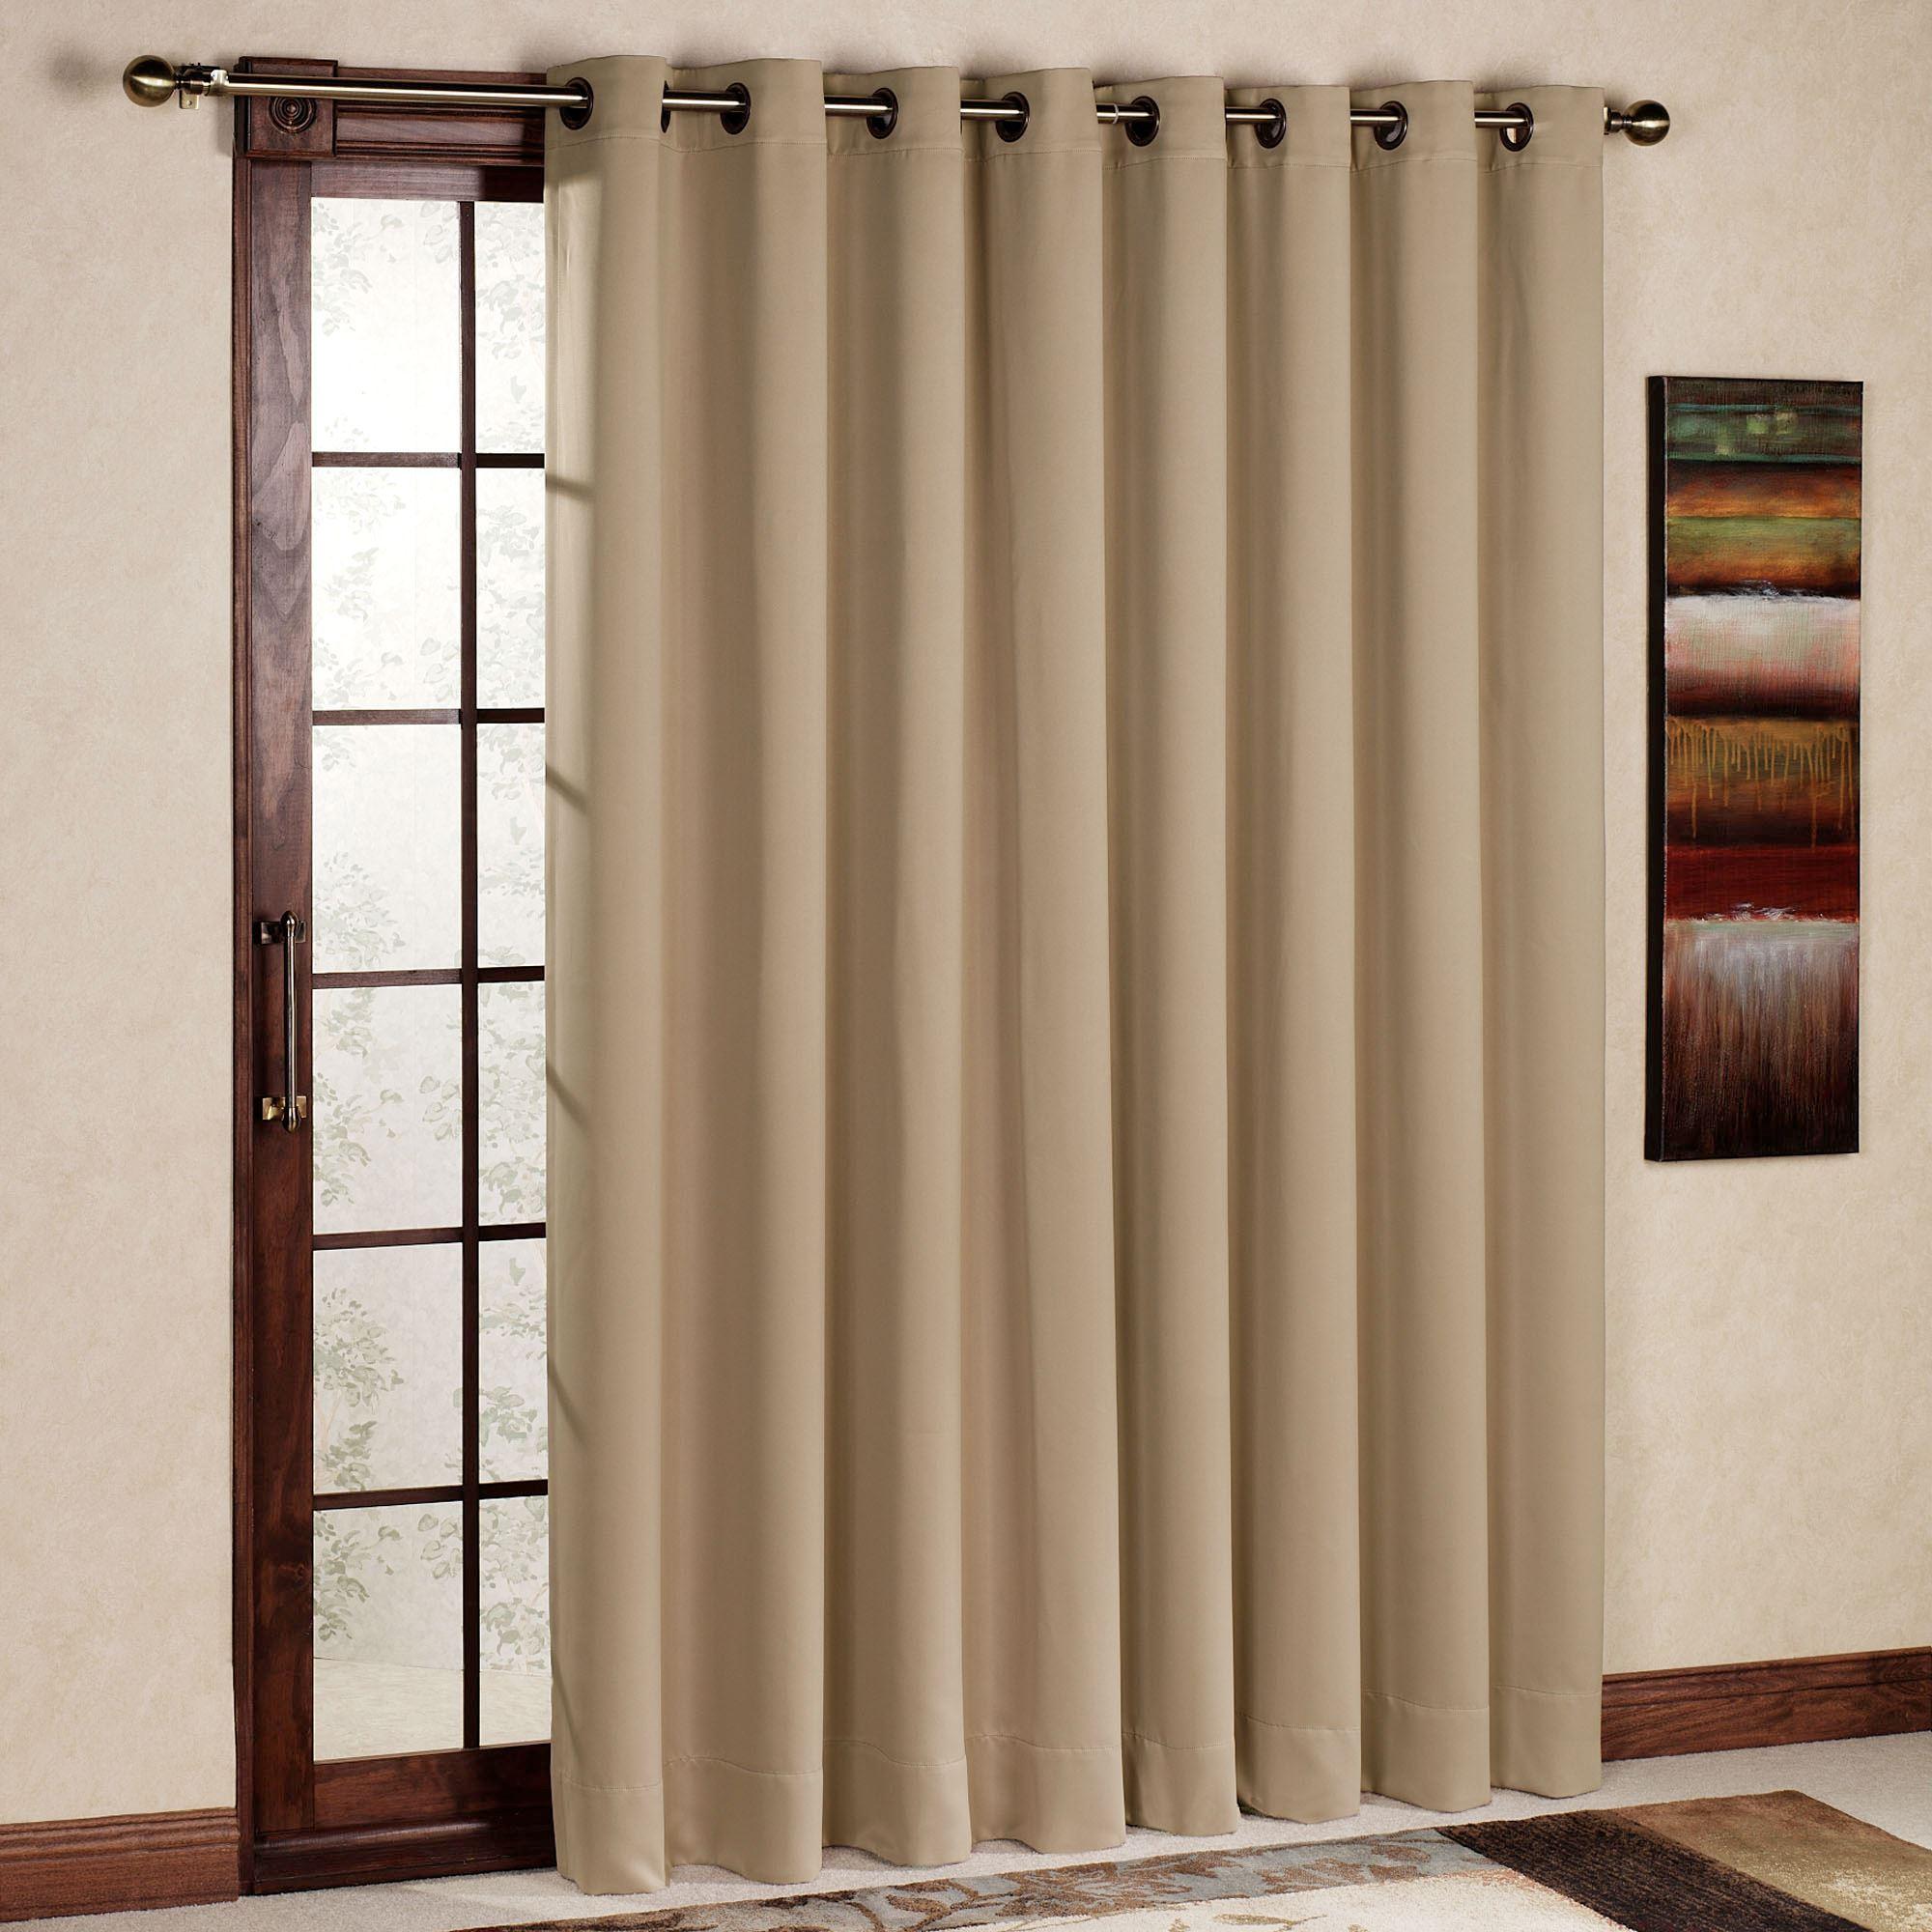 Unique Ultimate Blackout Grommet Patio Panel patio door curtains